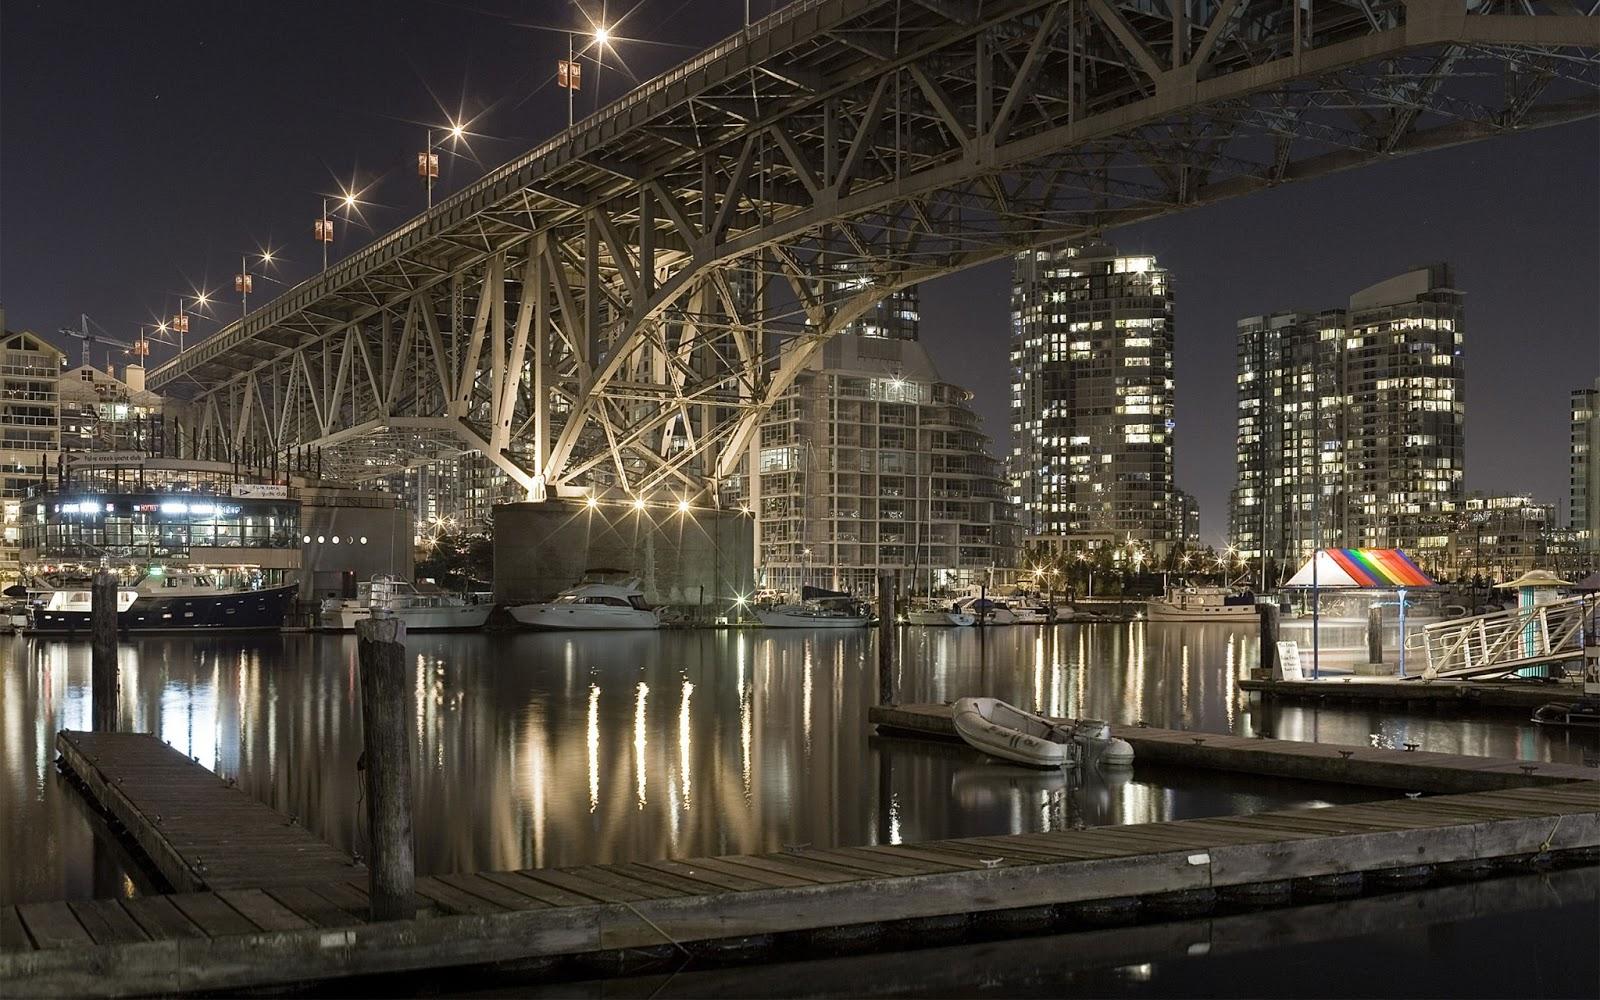 Bridge gratis da scaricare